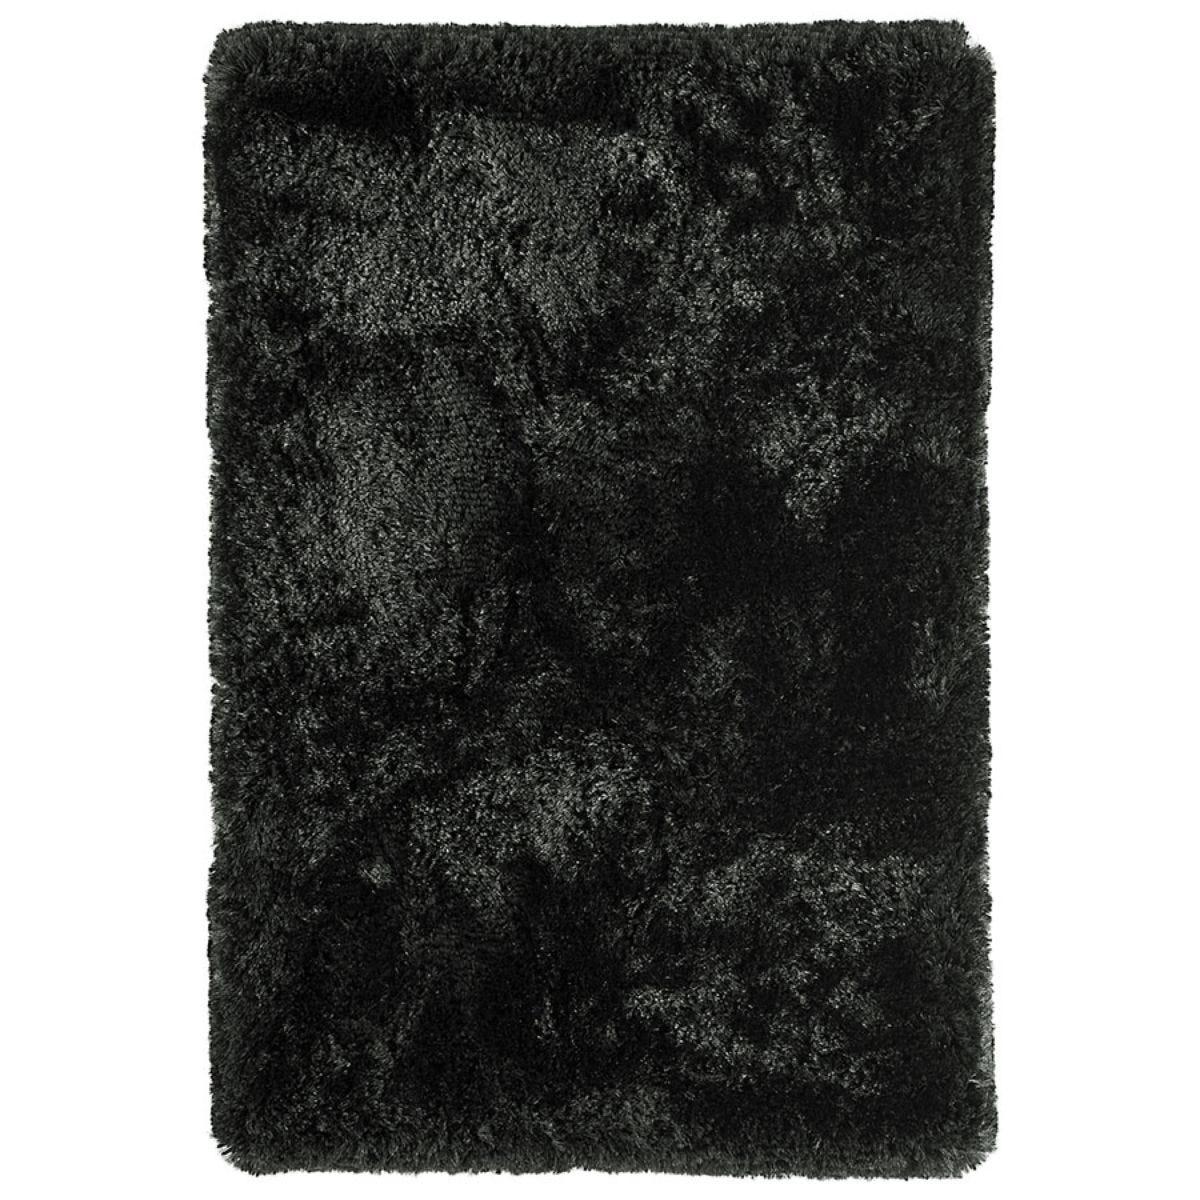 Asiatic Plush Rug, 160 x 230cm - Black